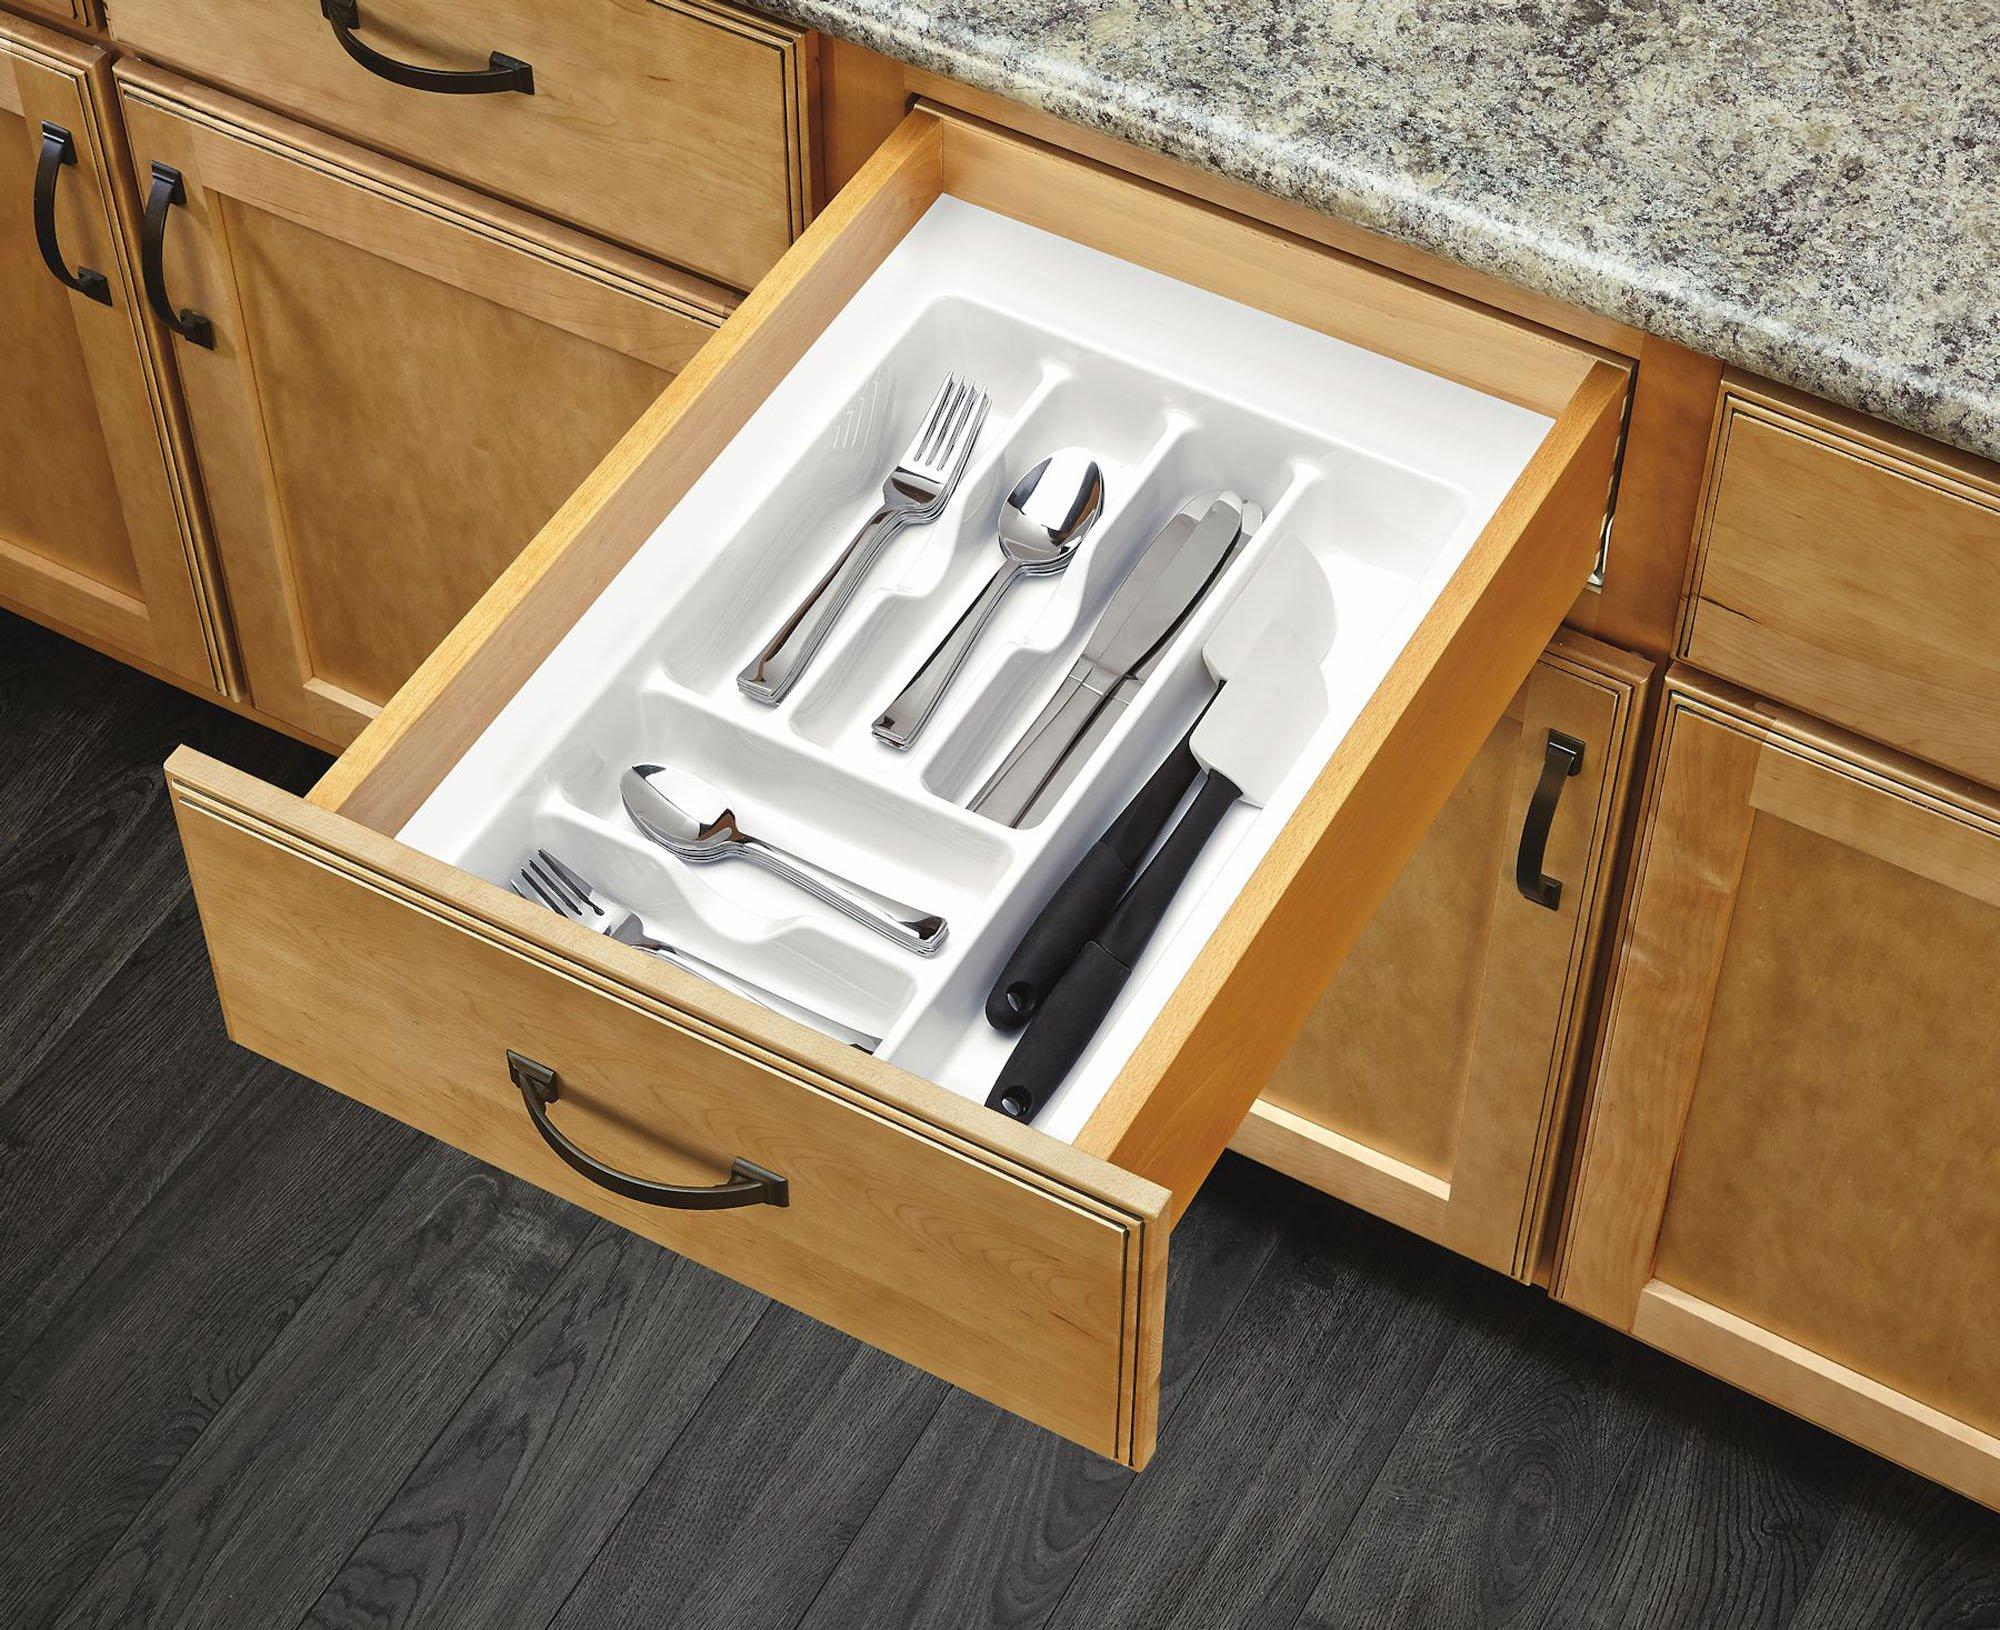 Rev-A-Shelf CT-2A-52 - Medium Almond Cutlery Tray Drawer Insert